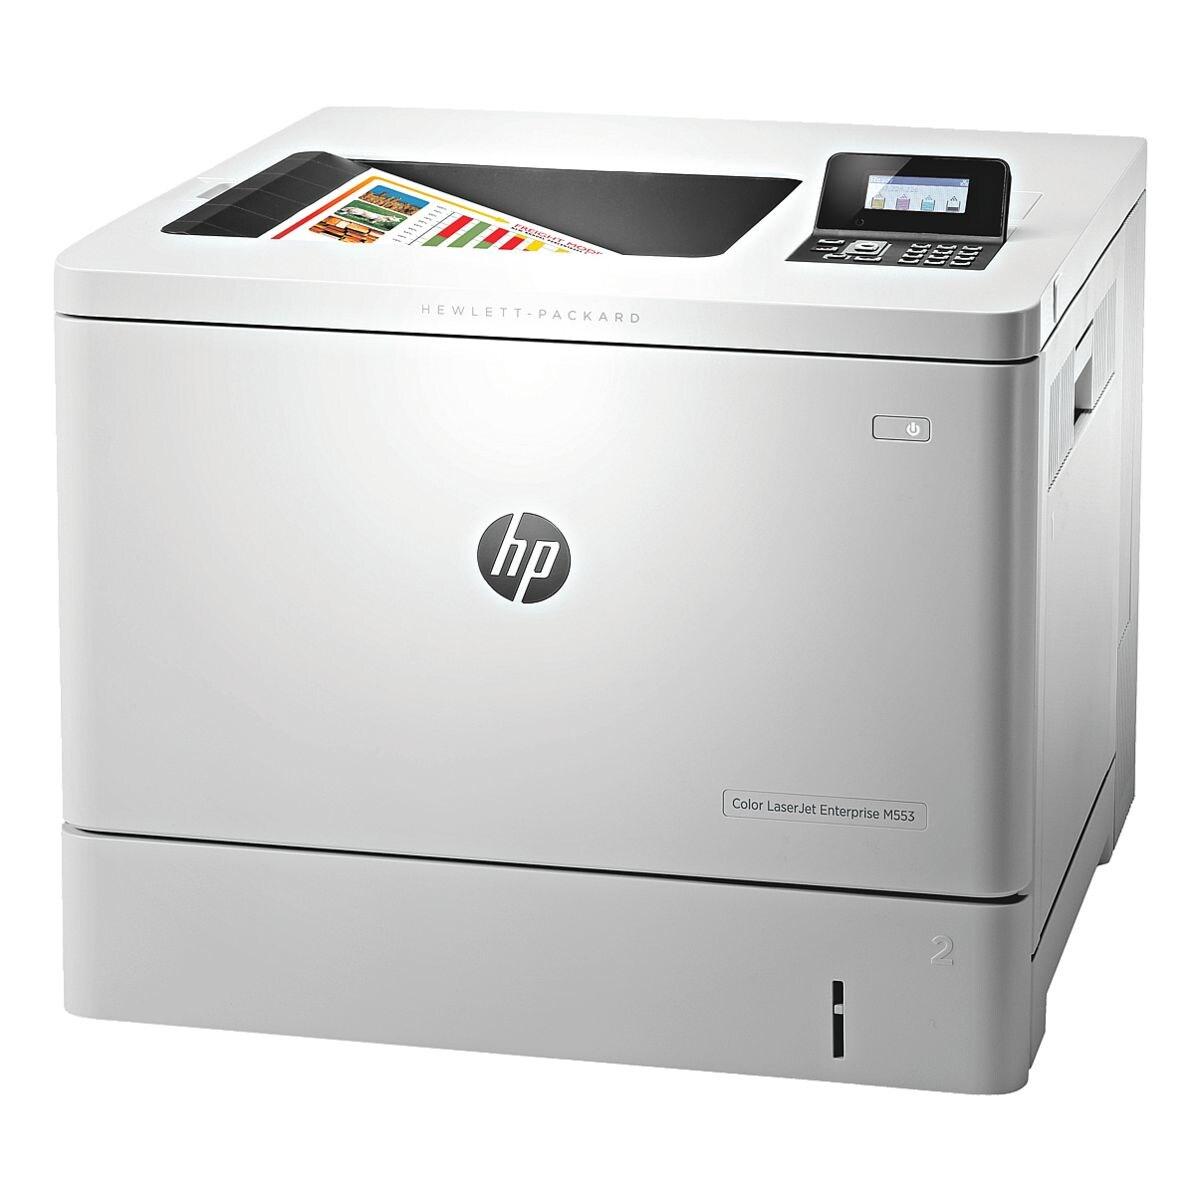 HP Laserdrucker Color LaserJet Enterprise M553dn, A4 Farb-Laserdrucker, 1200 x 1200 dpi, mit LAN